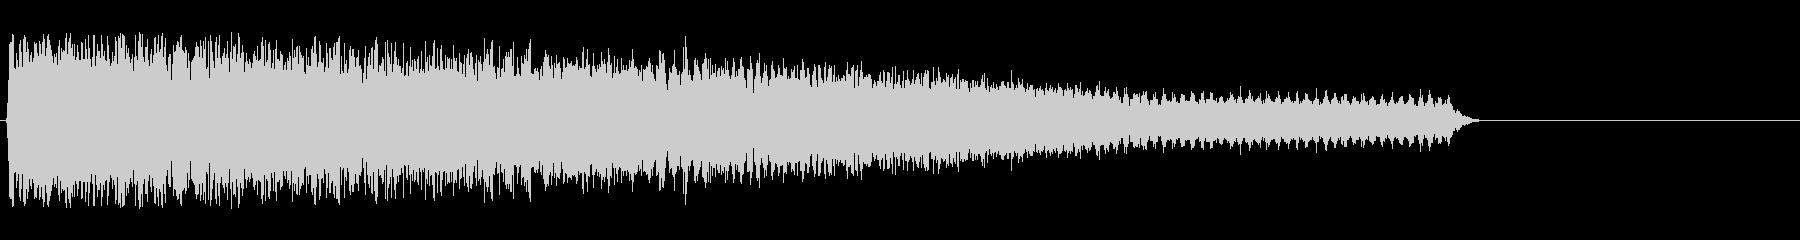 ギュルルルゥゥゥゥン↑(レーザー、溜め)の未再生の波形